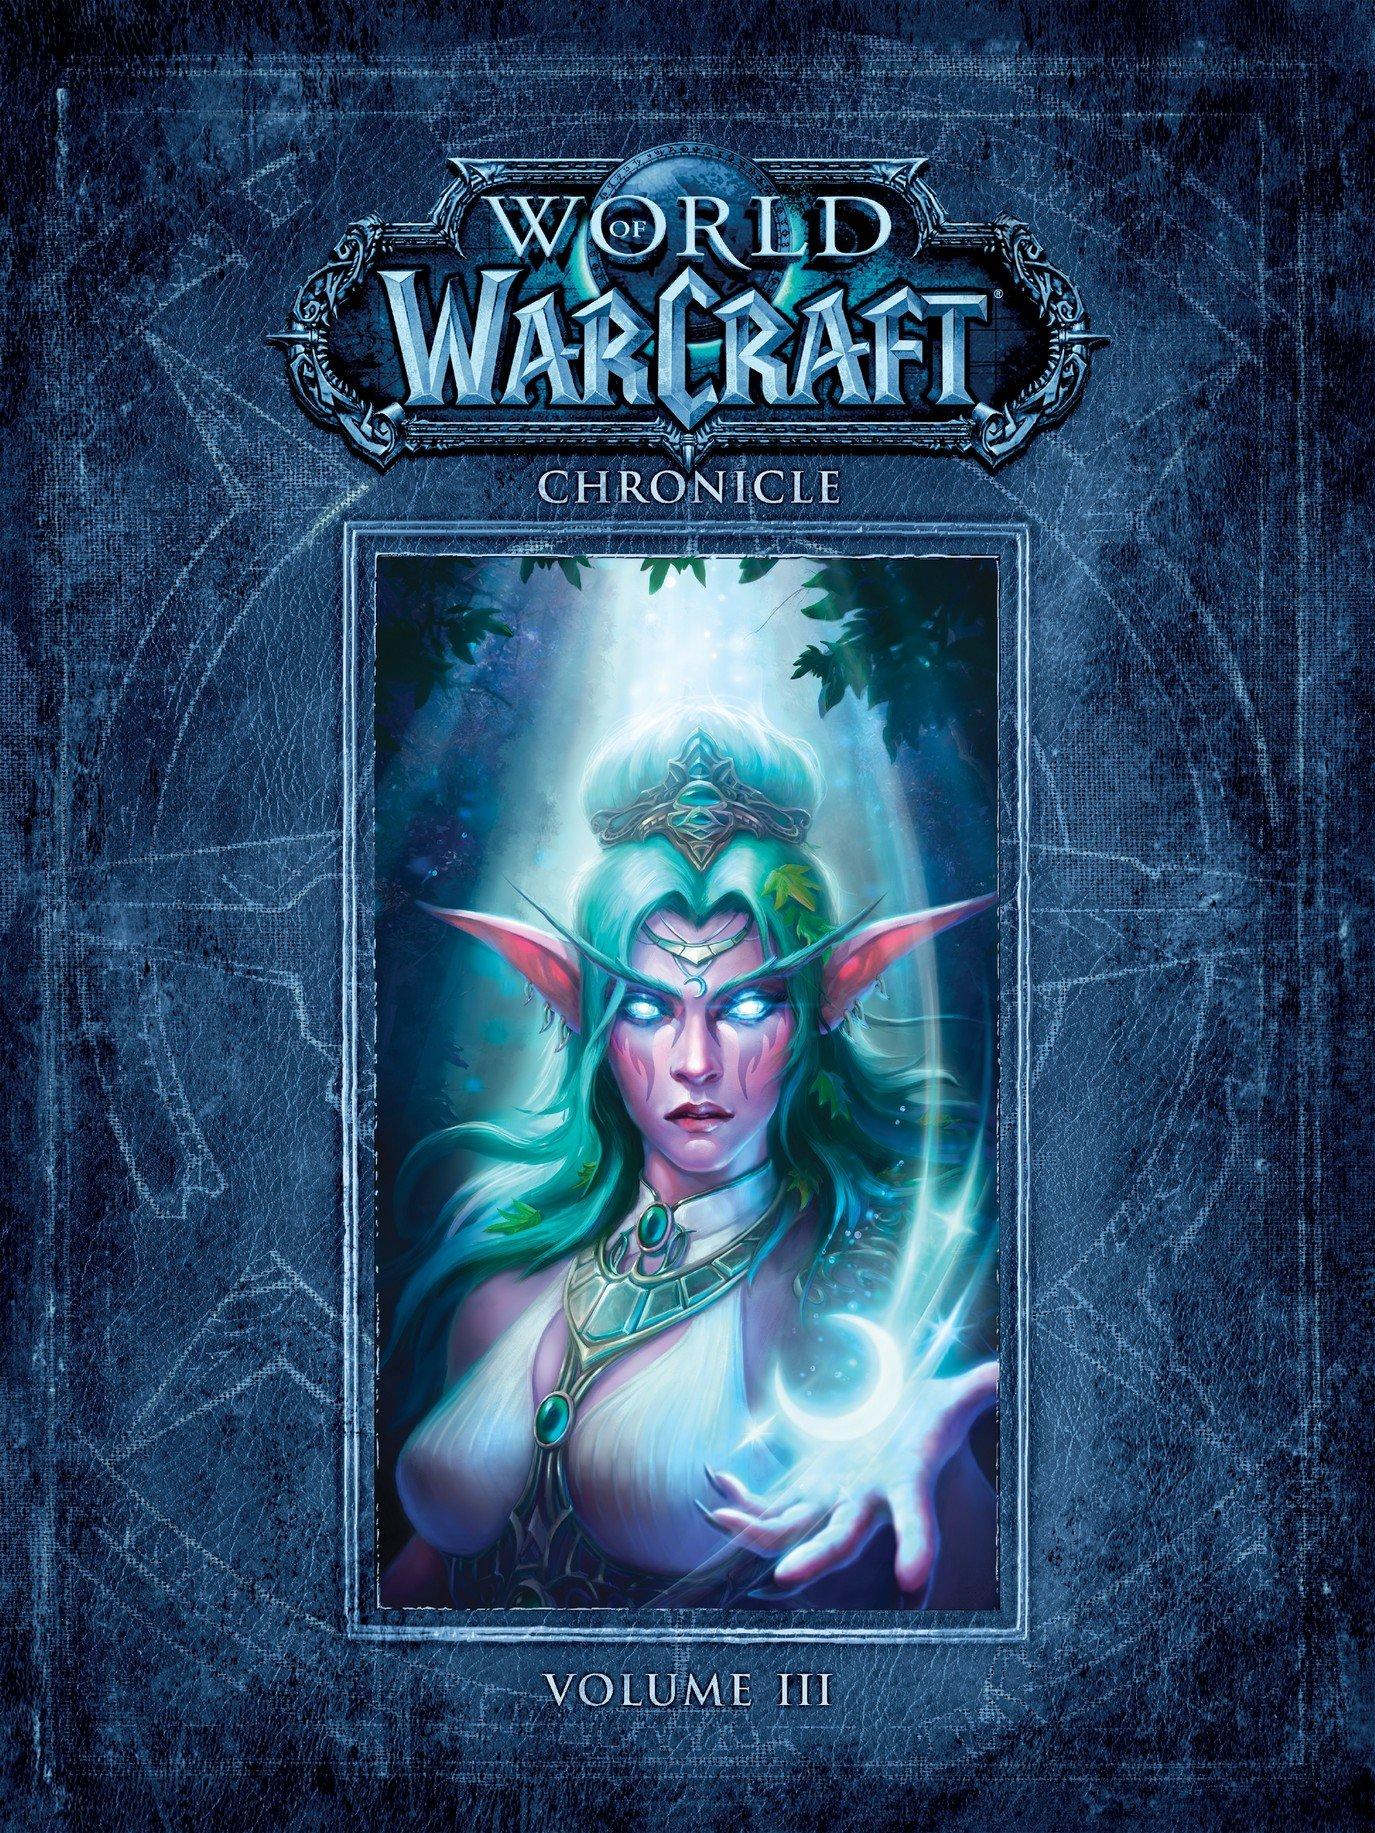 Comic warcraft world pdf of